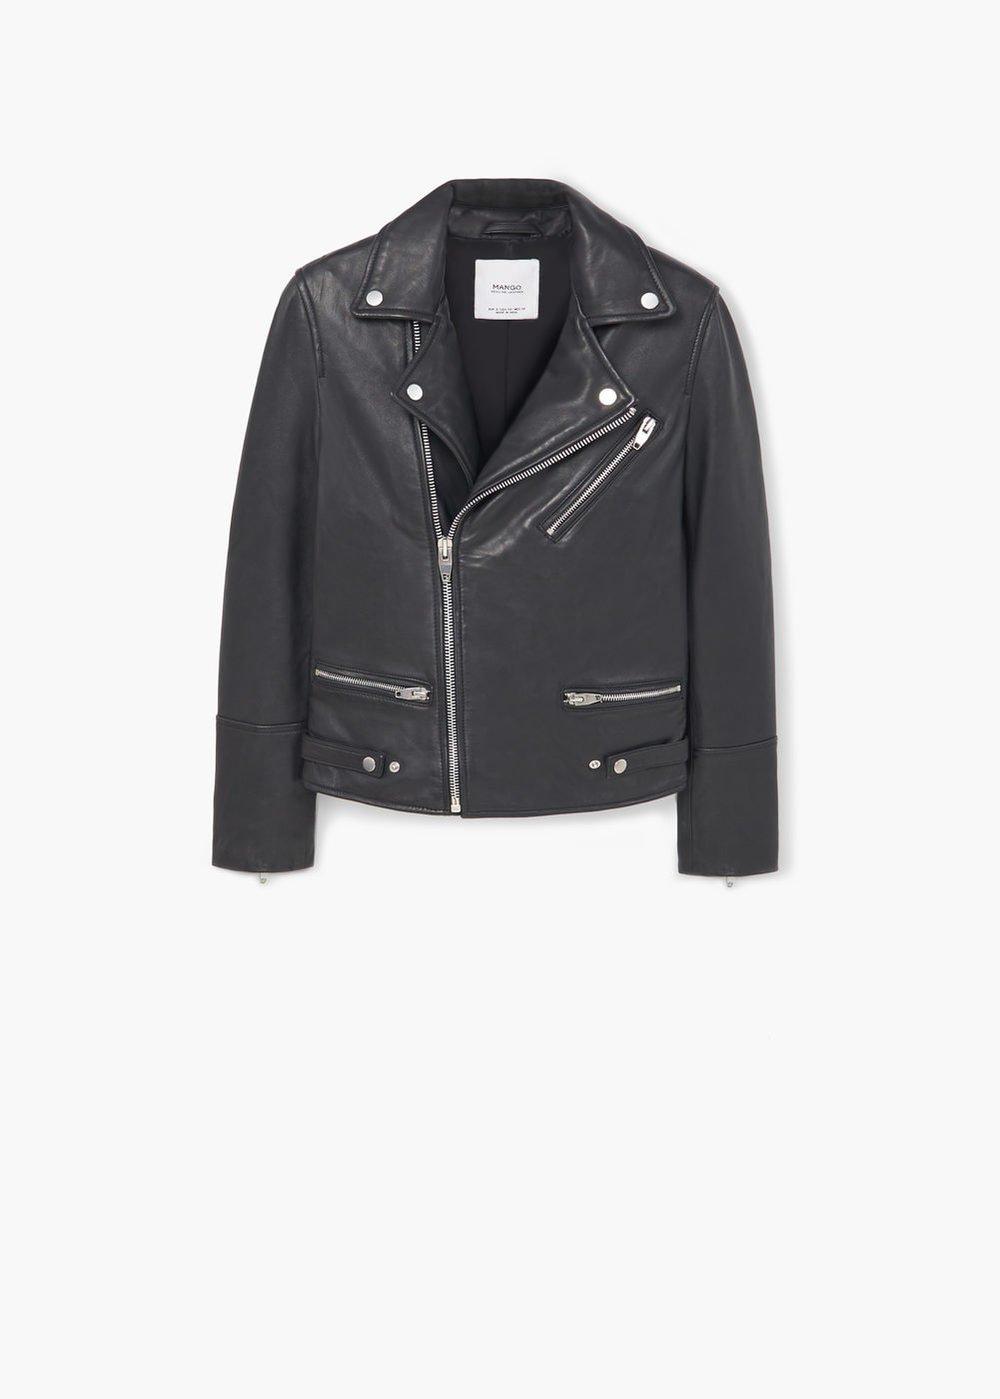 Mango: leather jacket, £119